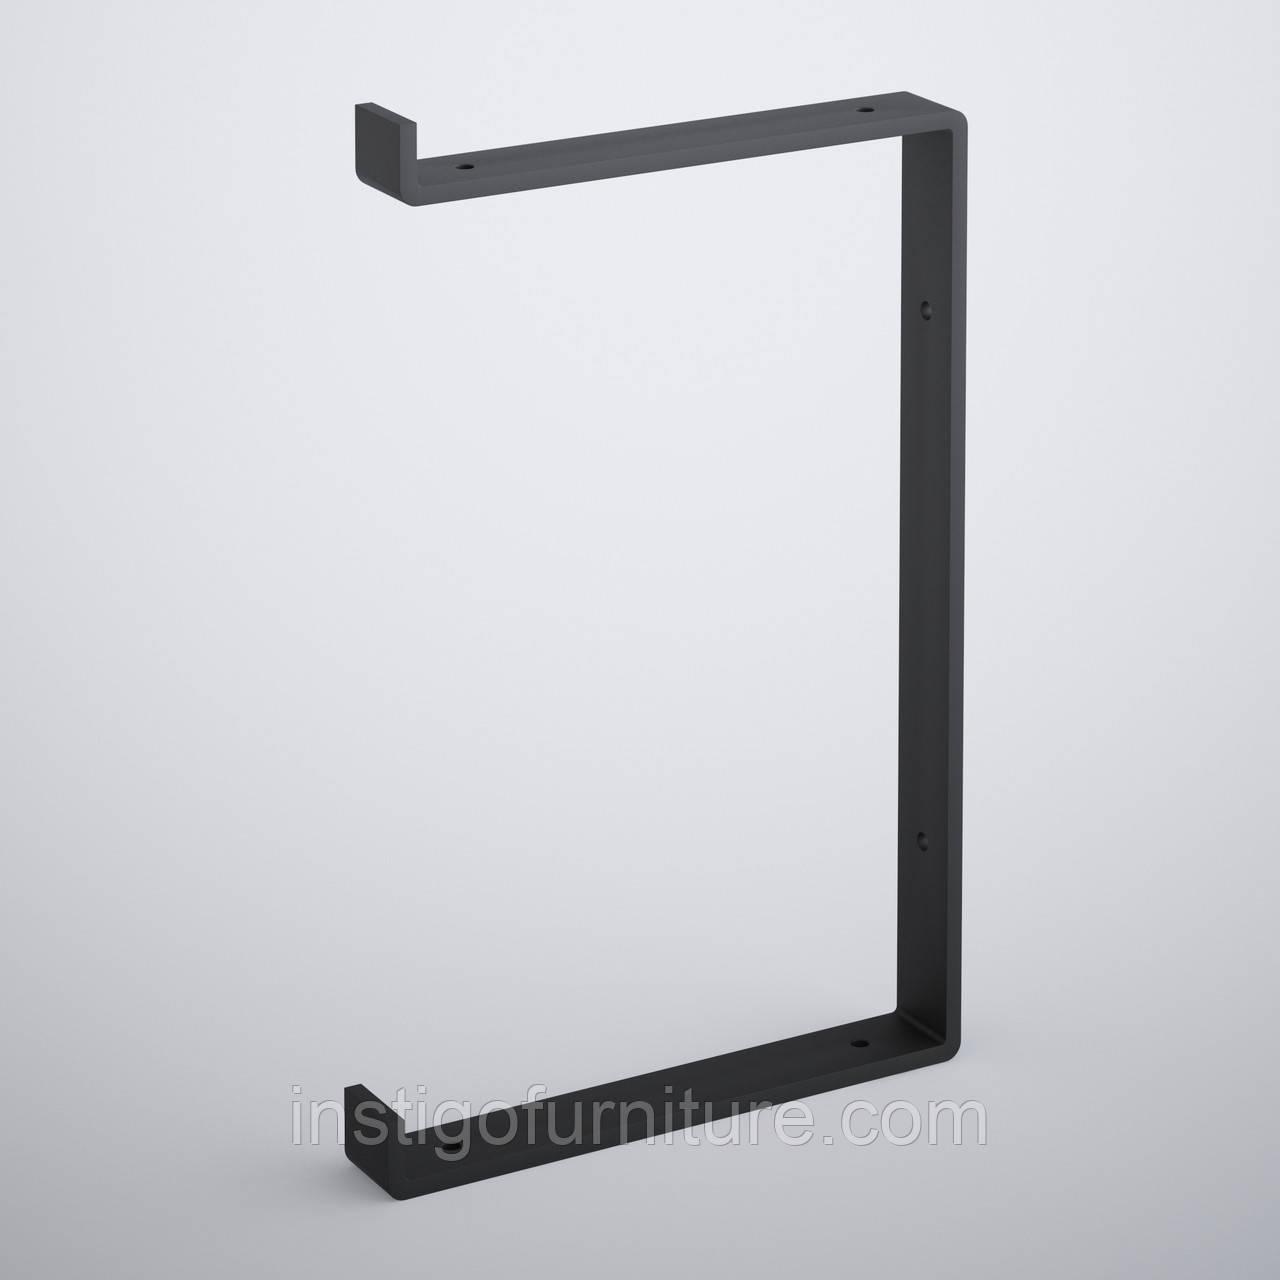 Кронштейн для полки из металла 212×30mm, H=340mm